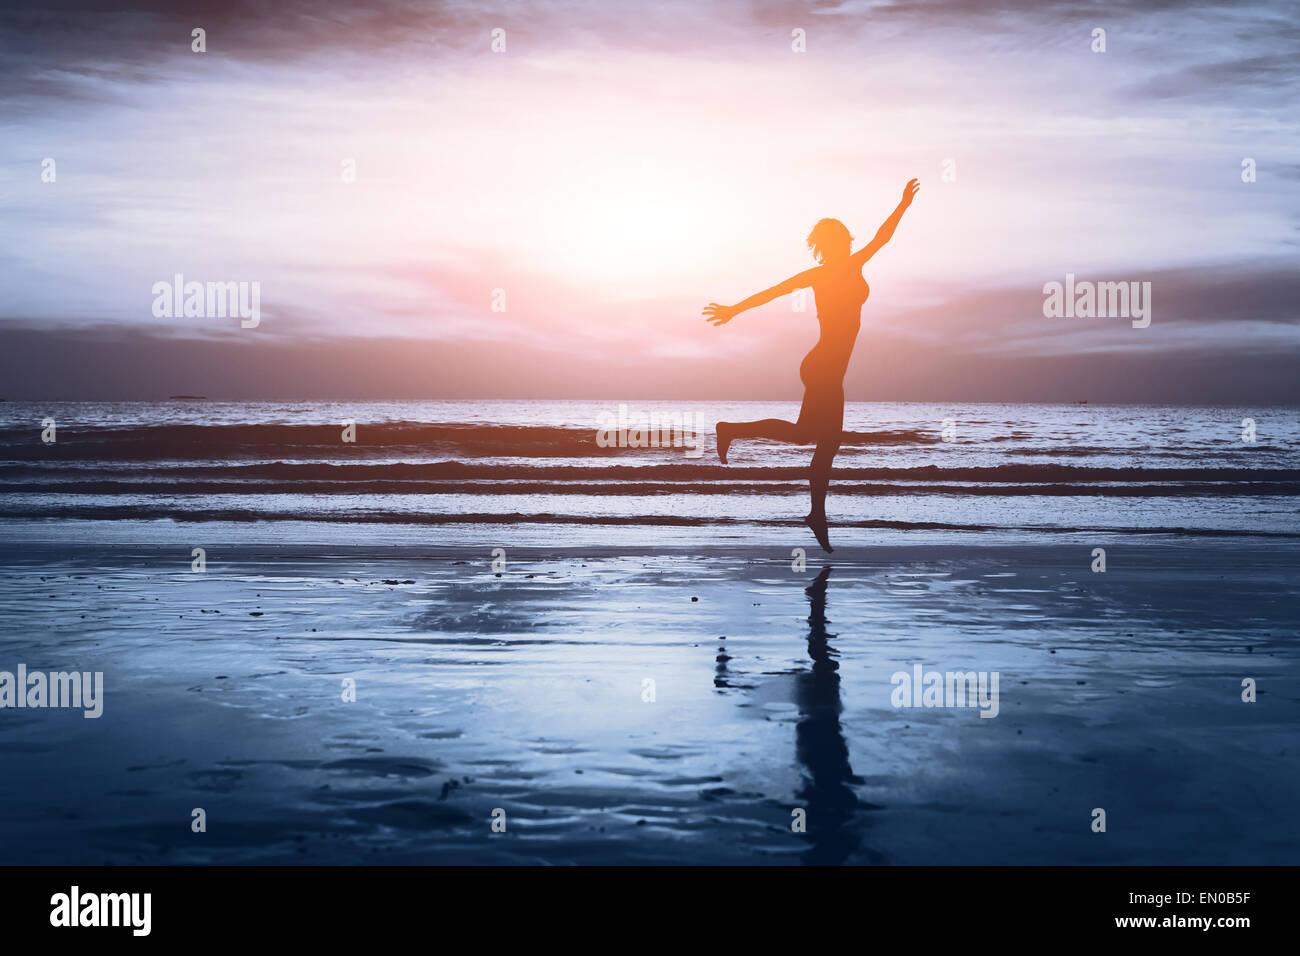 Vie saine, silhouette de femme sur la plage Photo Stock